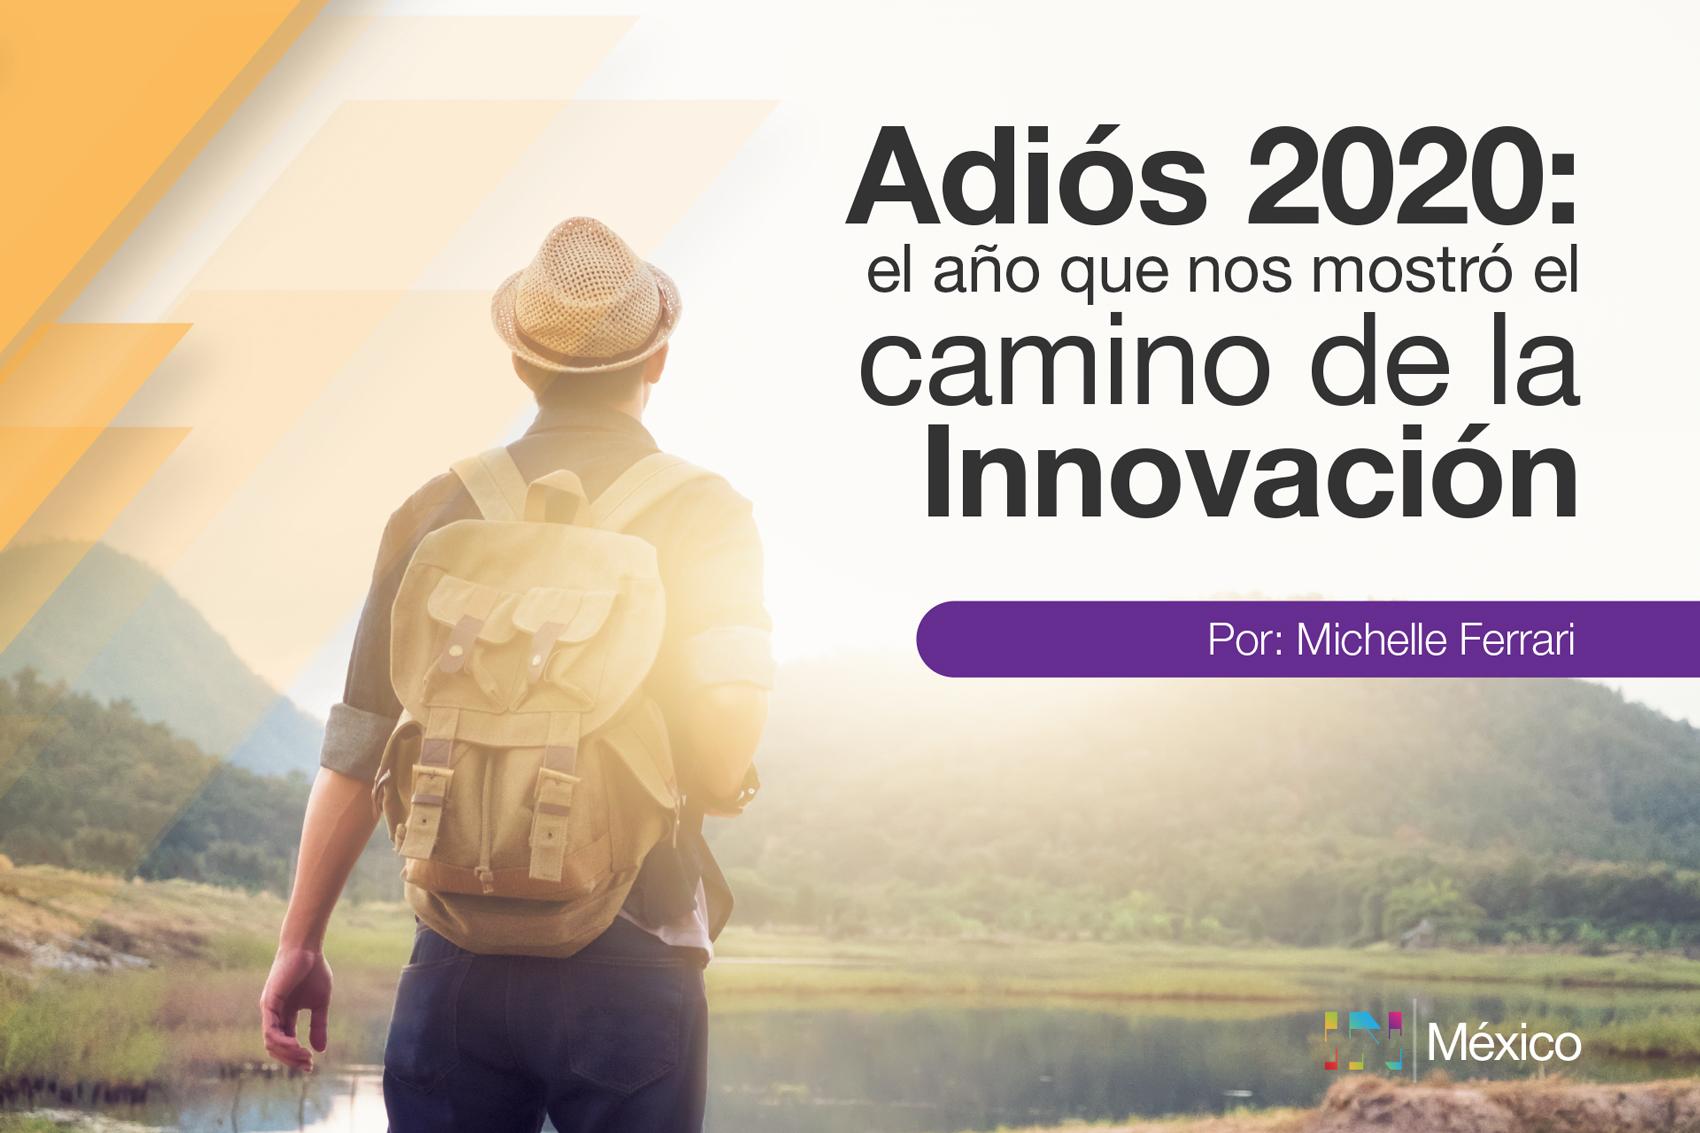 Despidiendo el 2020 como el año que nos mostró el camino de la Innovación.